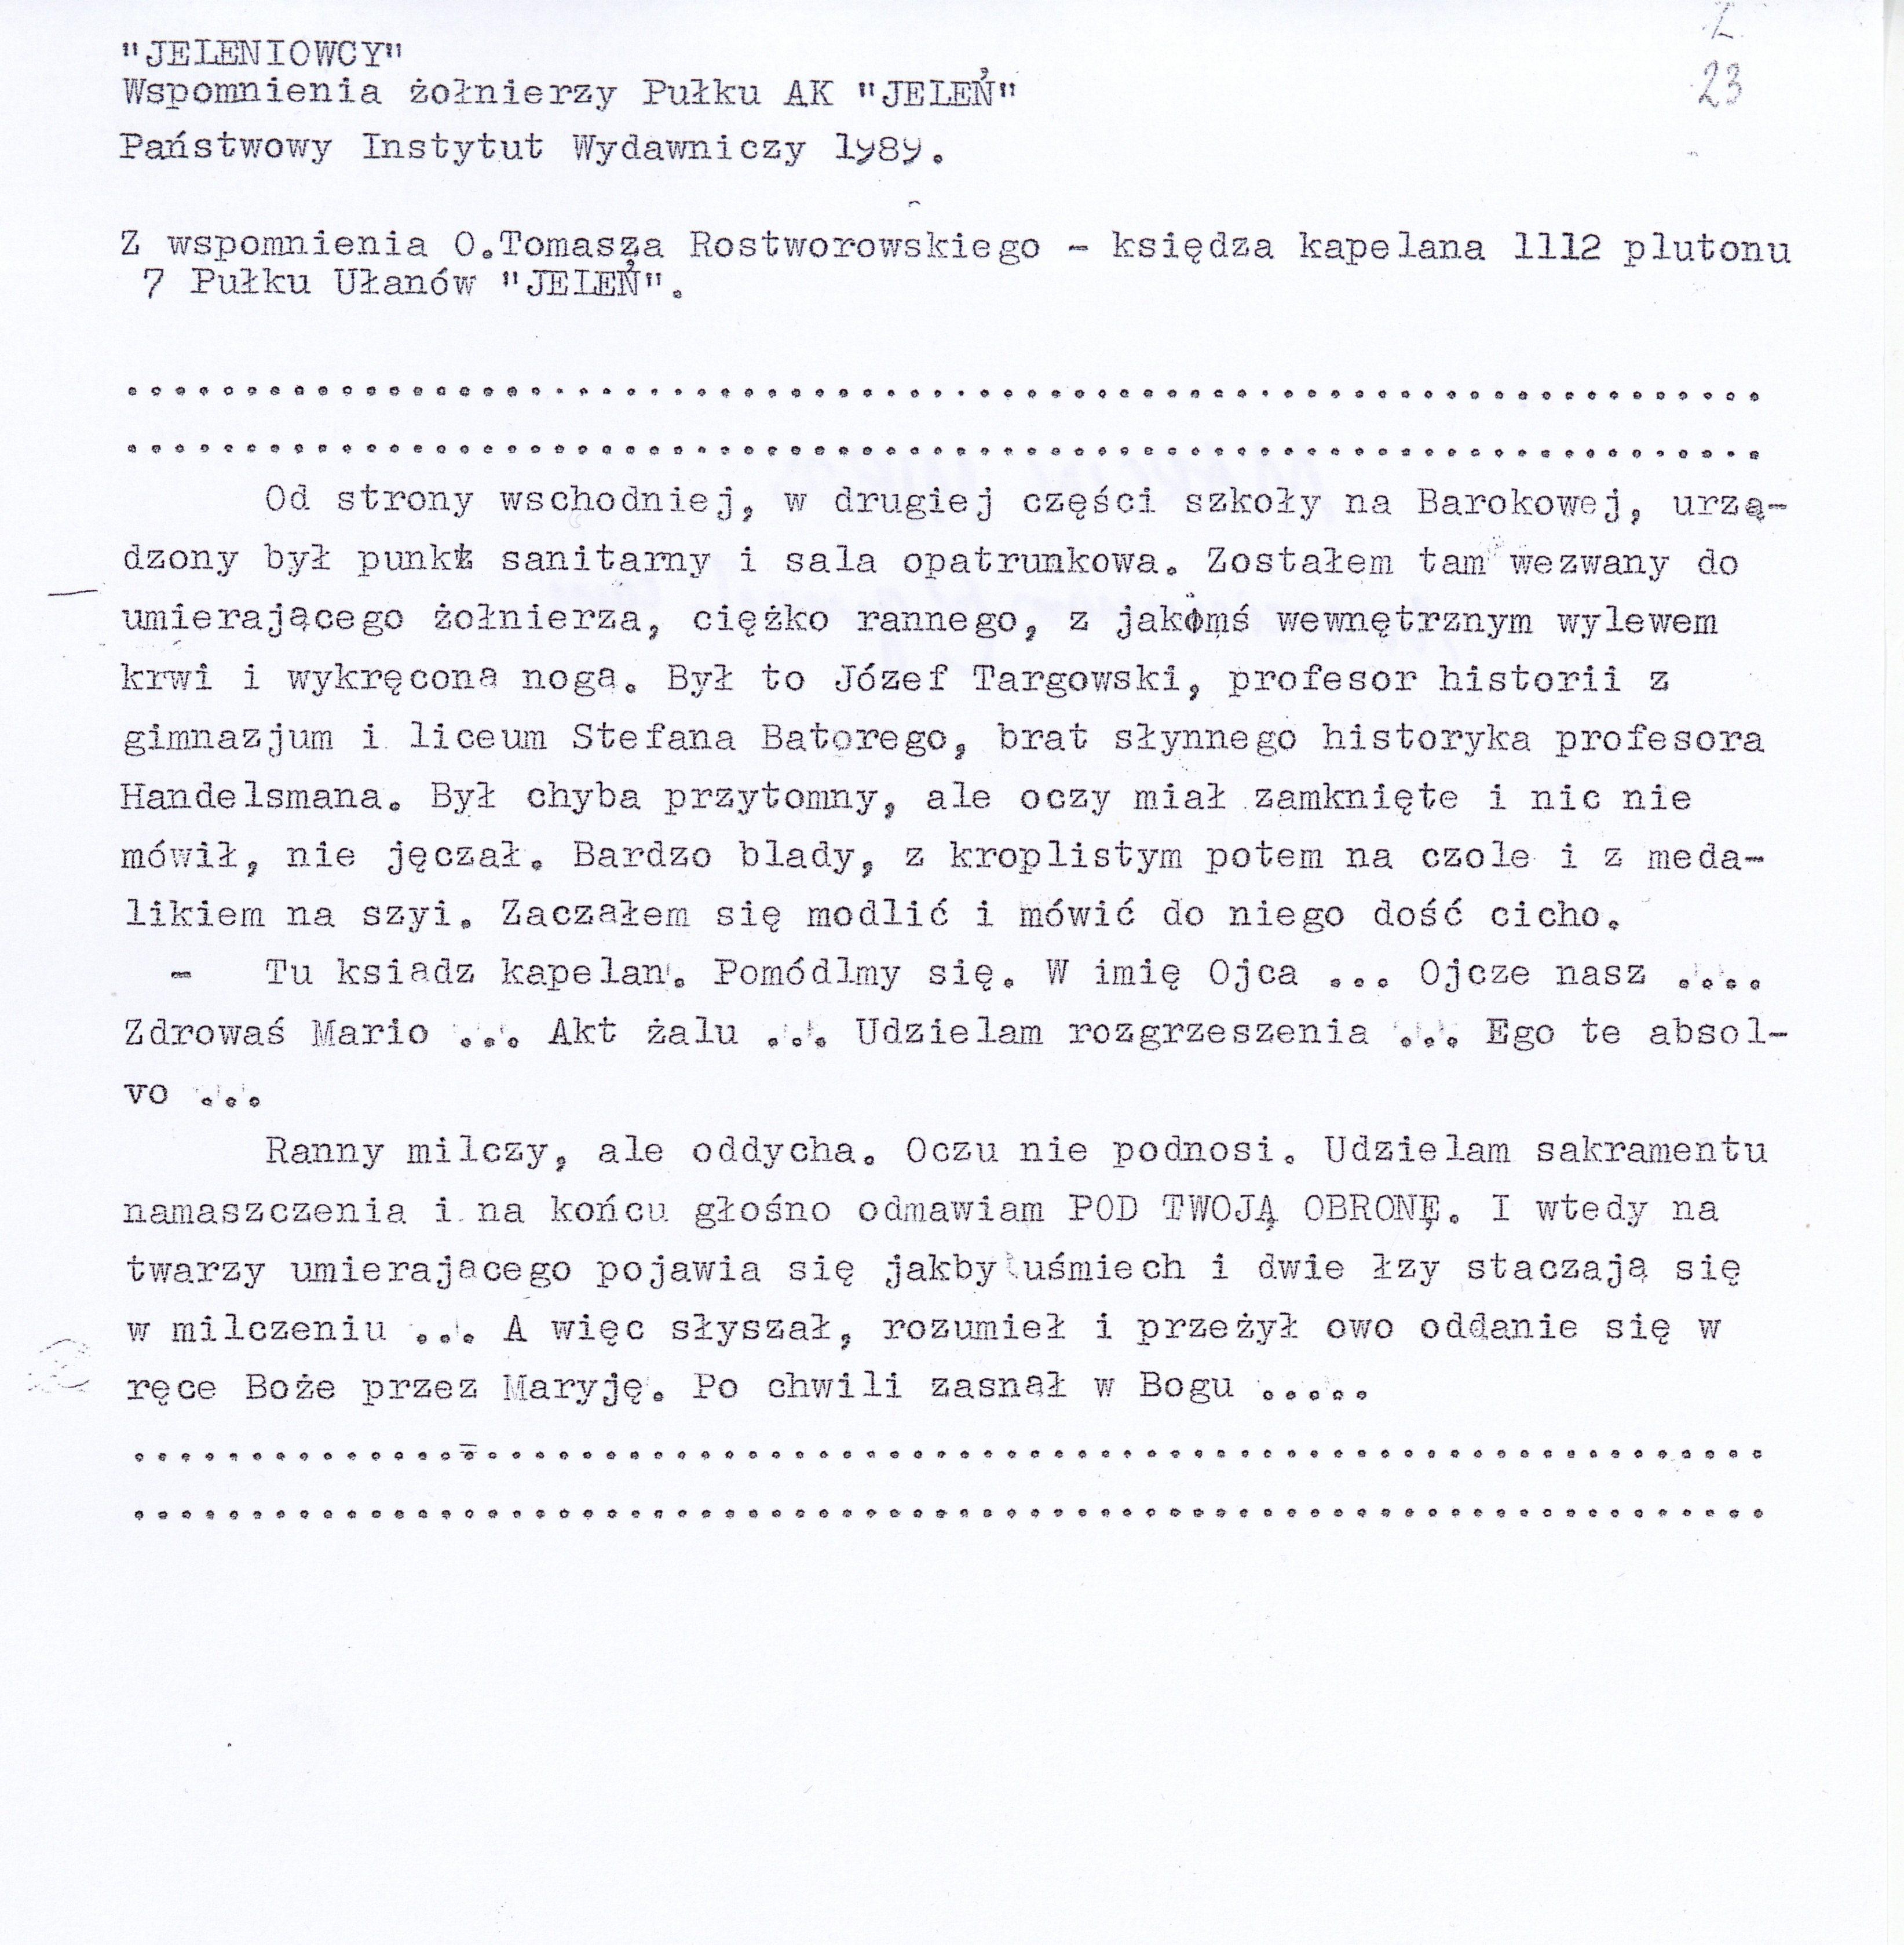 """Relacja  o. Tomasza Rostworowskiego, kapelana PW w: """"Jeleniowcy"""". Wspomnienia żołnierzy Pułku AK Jeleń. PIW, 1989. Kserokopia udostępniona przez  p. Marcina Mirosa, Muzeum Szkolne Liceum Batorego w Warszawie."""